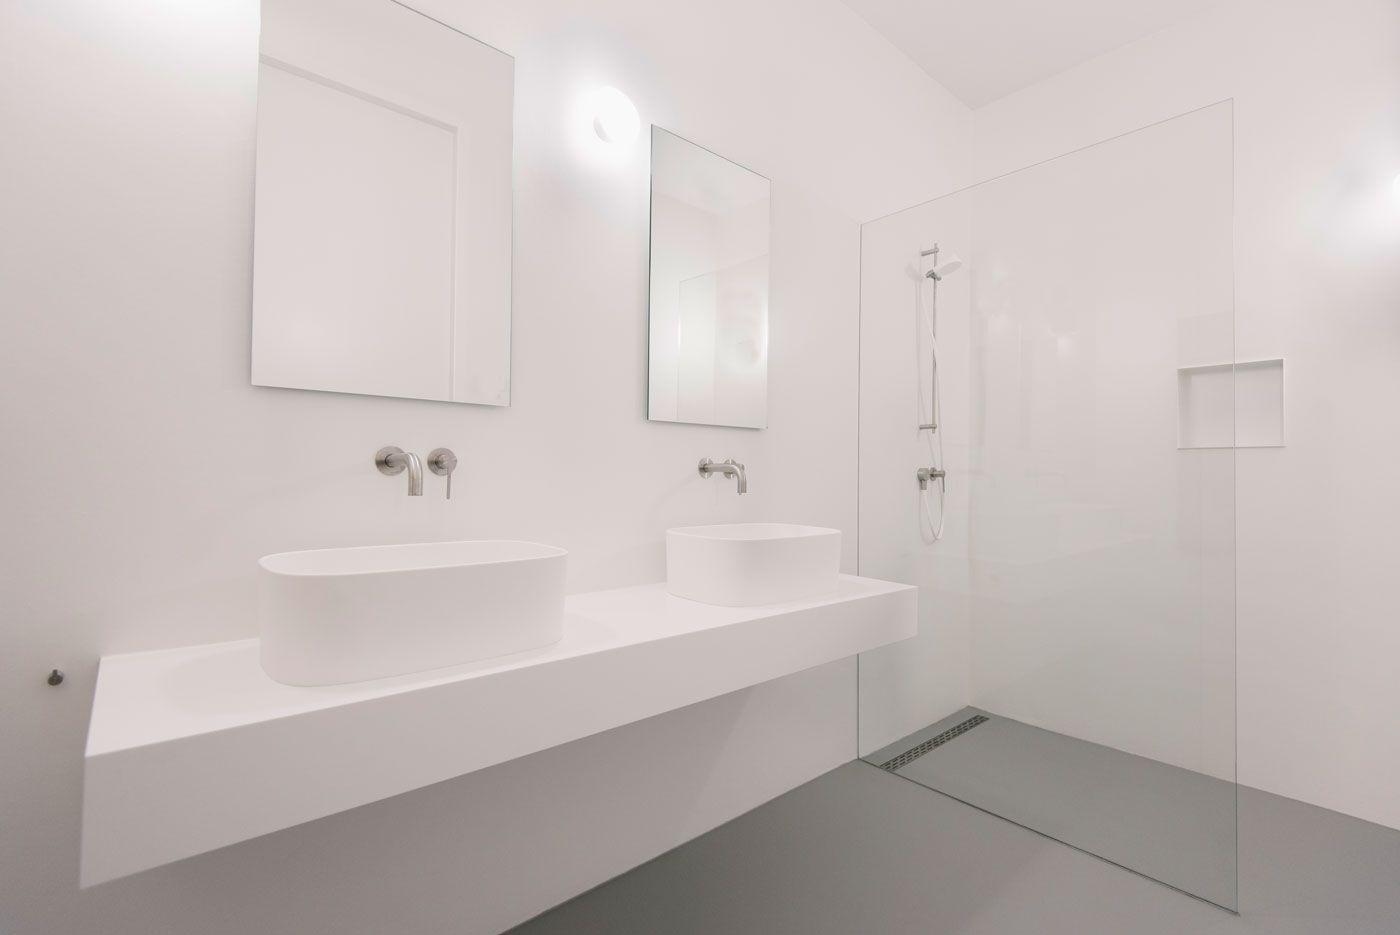 Minimalistische badkamer met rexadesign en ceadesign sanitair